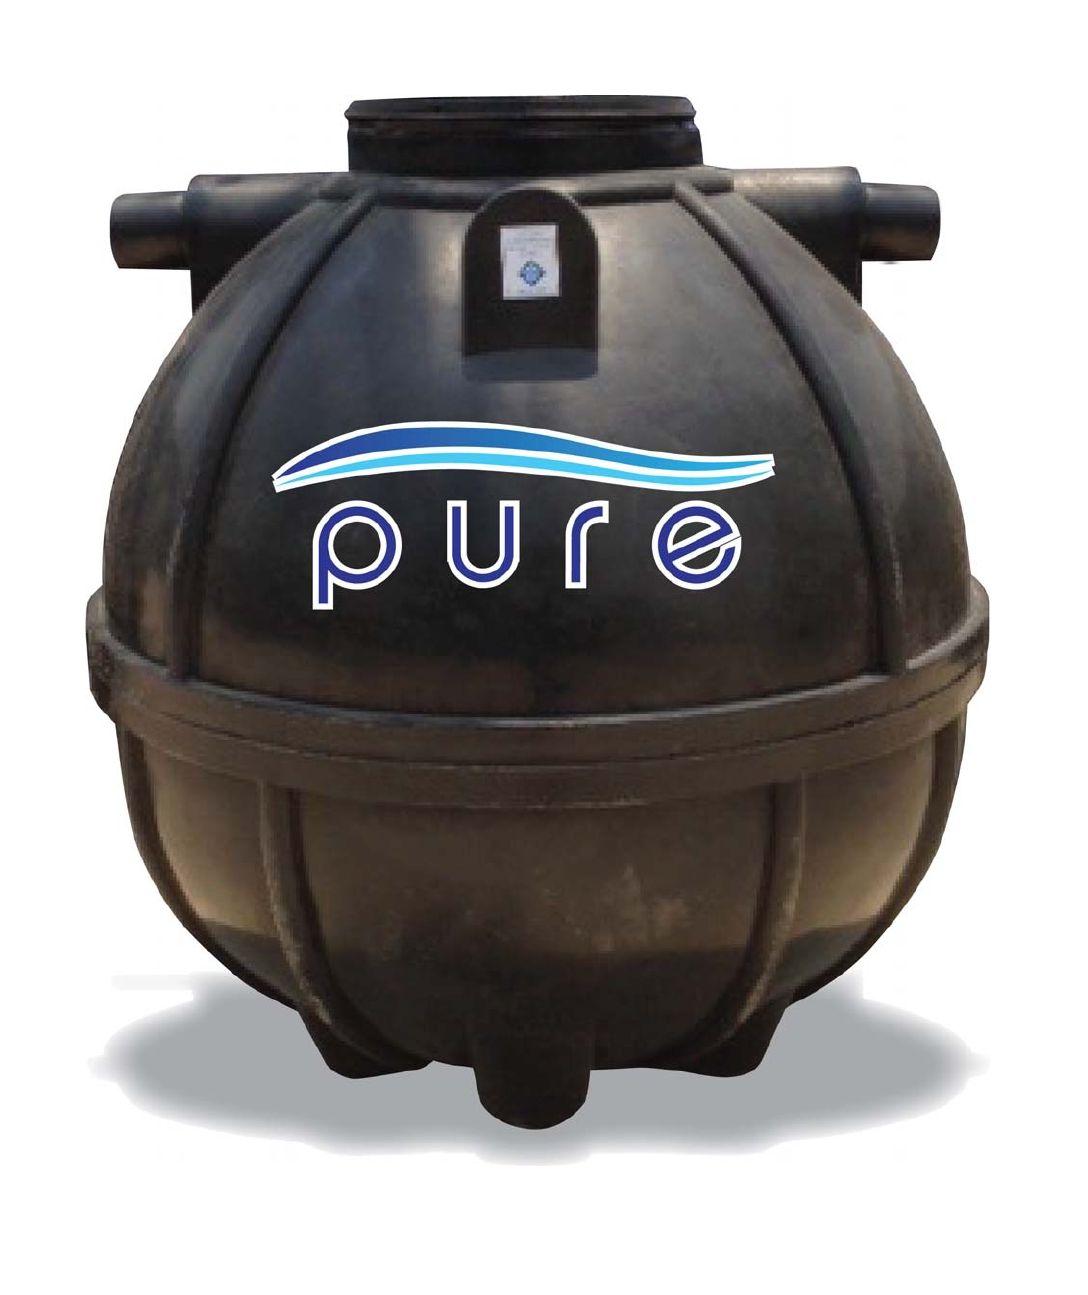 ถังบำบัดน้ำเสียเกรอะกรองรวมแบบไร้อากาศ PURE รุ่น PS-800 ขนาด 800 ลิตร